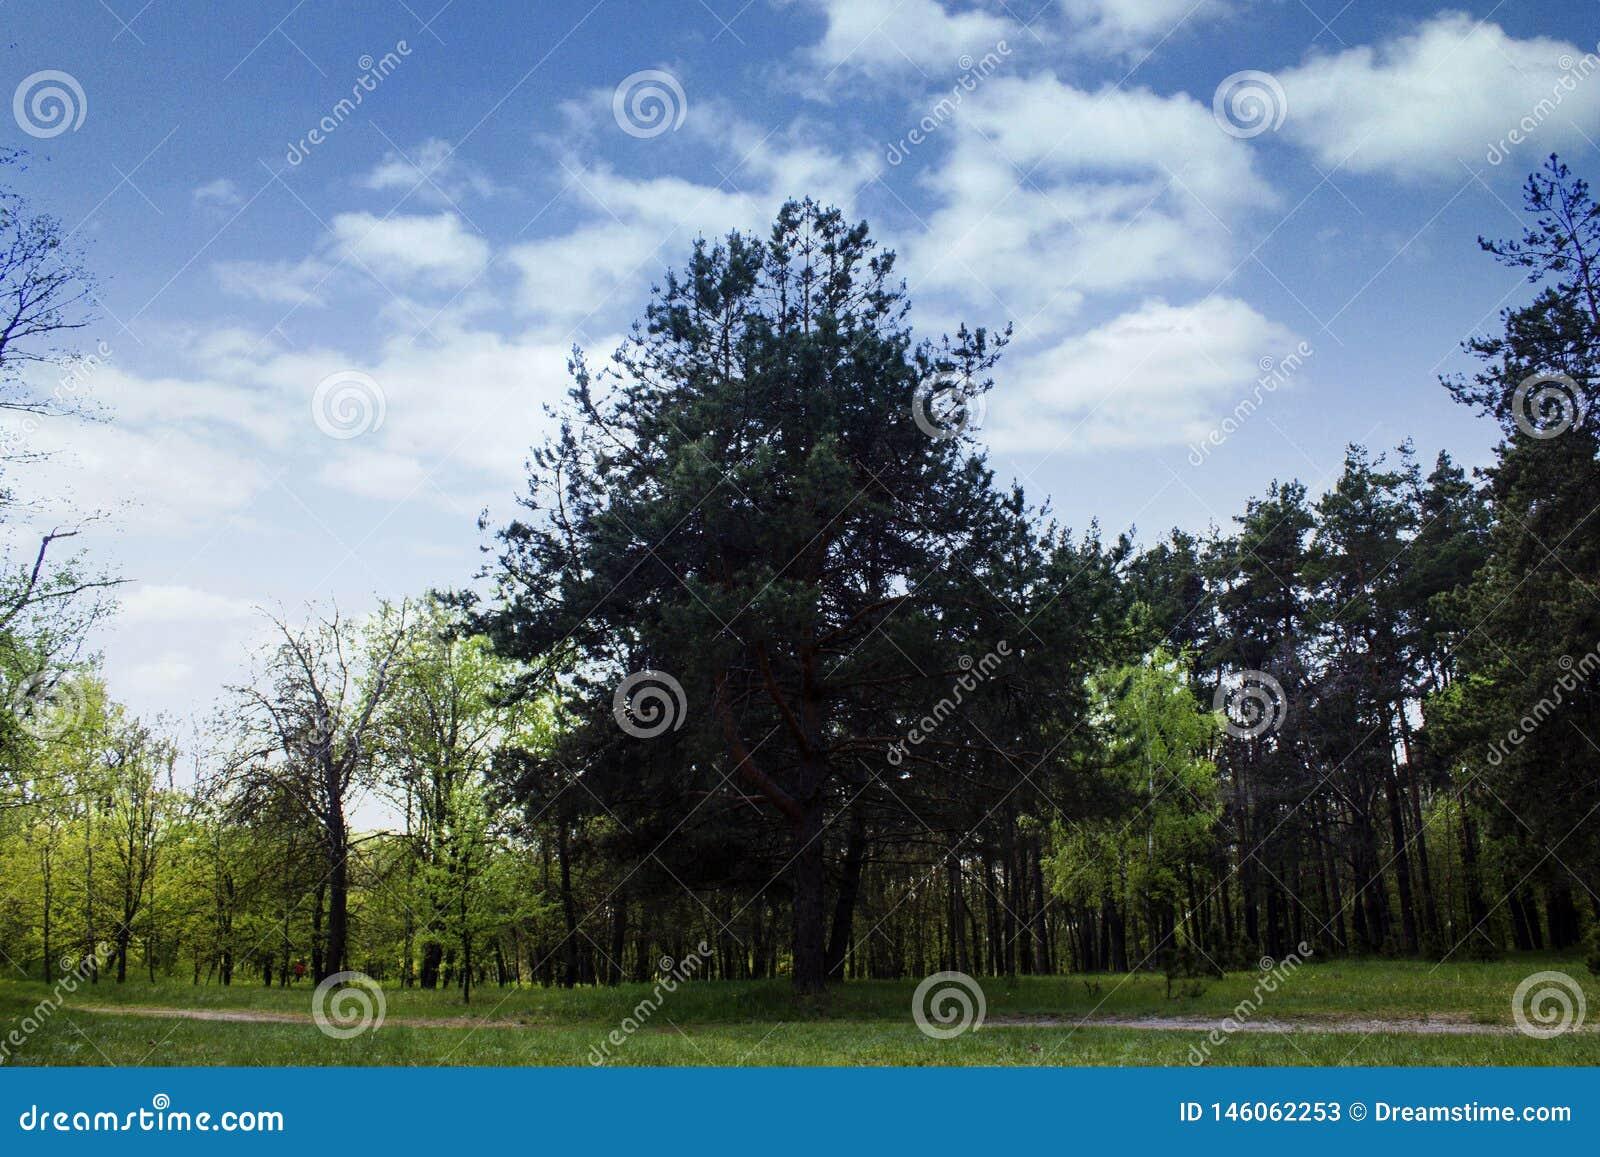 Bomen, aard, landschap, hemel, wolken